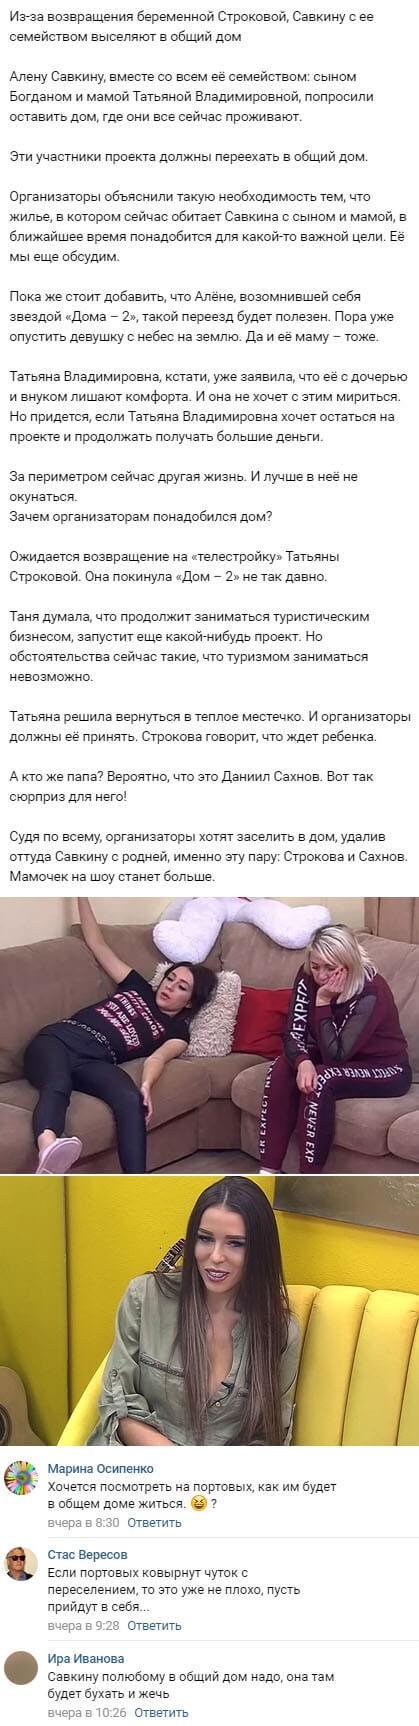 Алену Савкину лишают всех благ на проекте ради другой топовой участницы